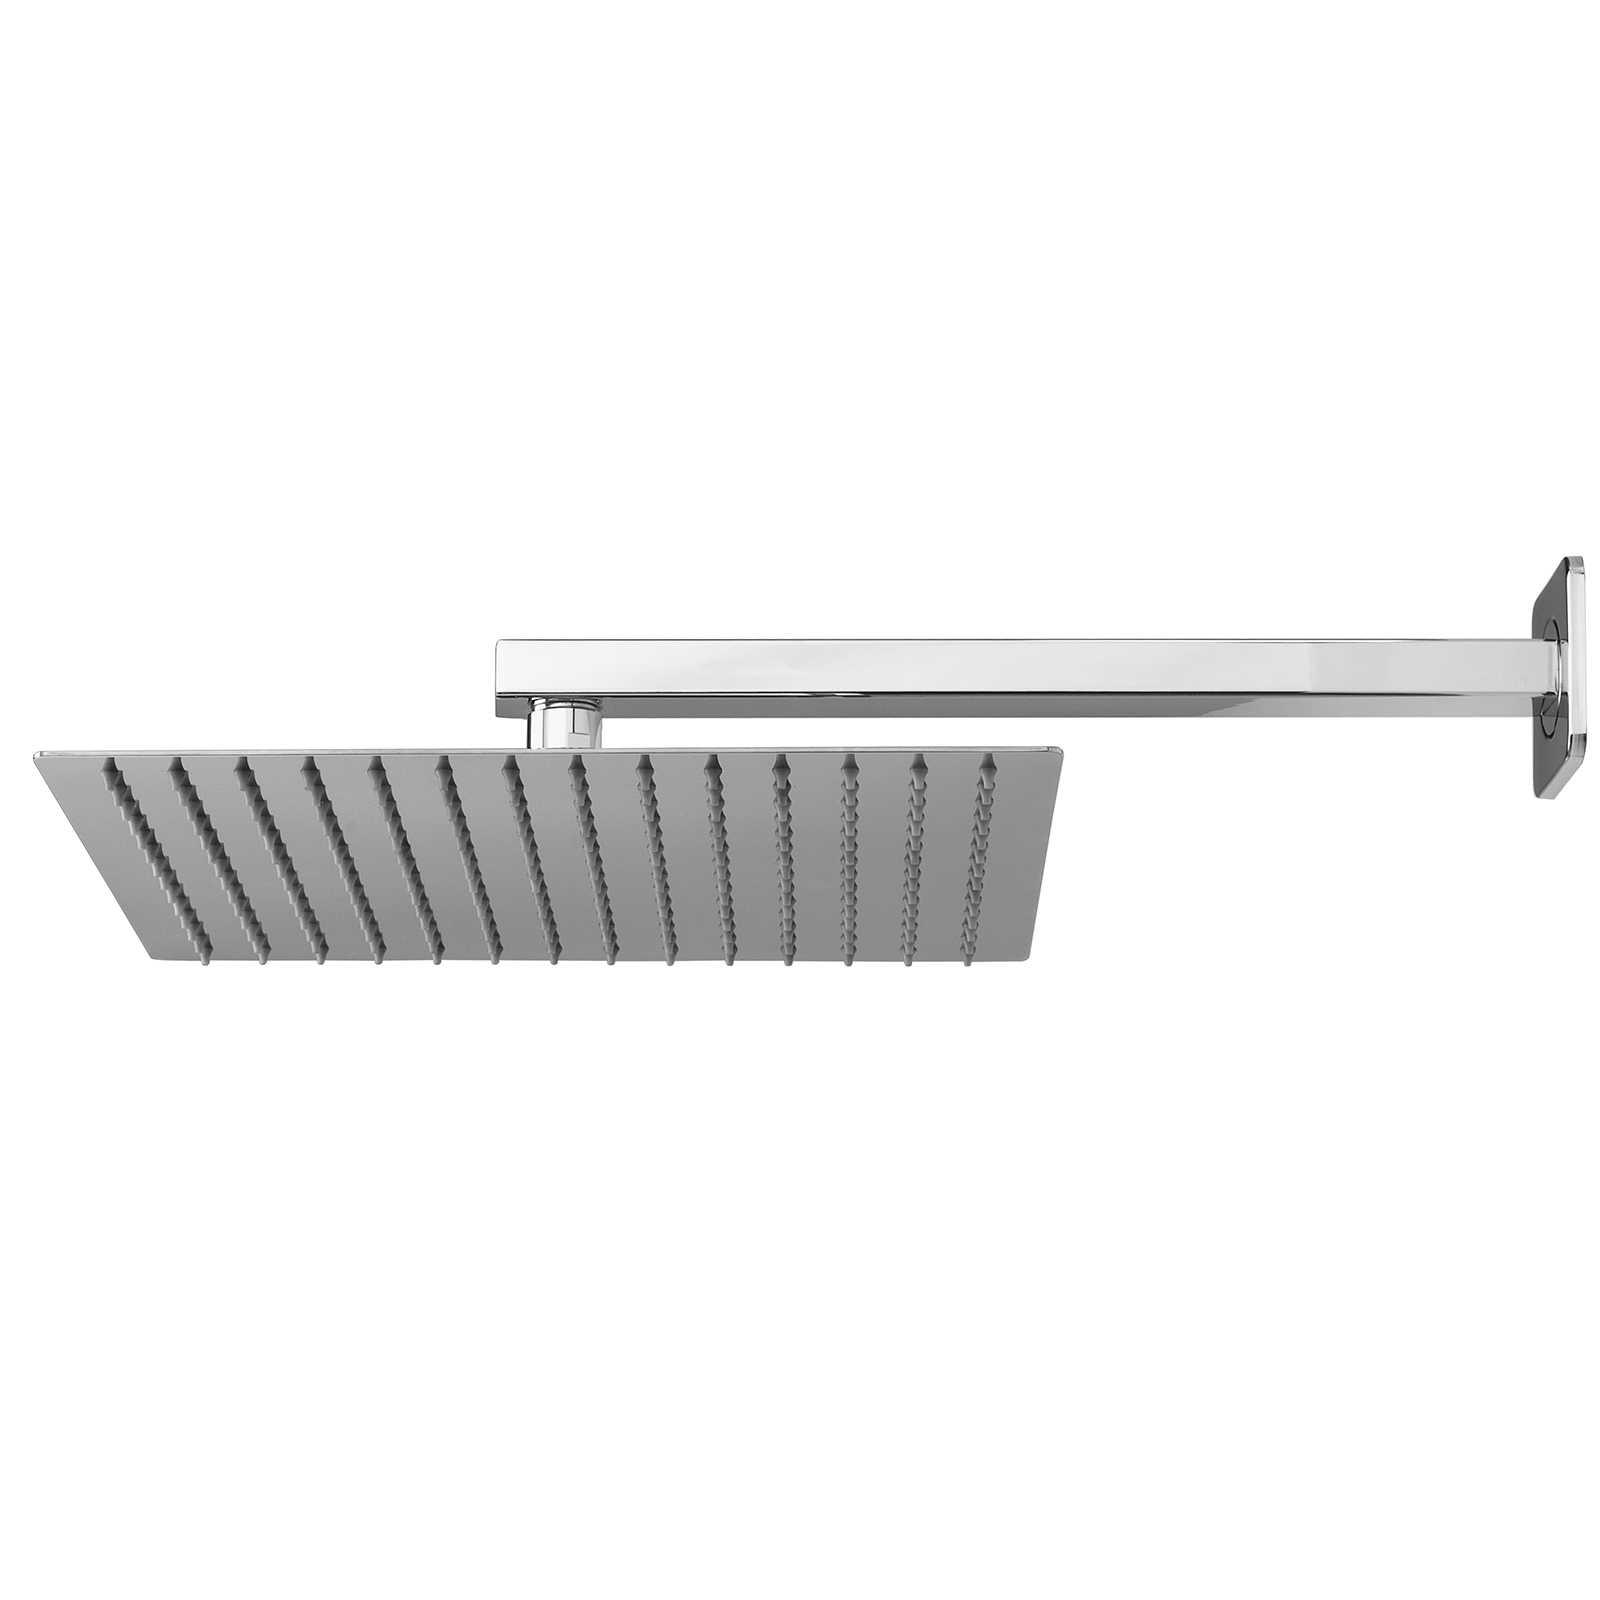 Soffione doccia quadrato ultraslim 30x30 con braccio doccia in acciaio inox lucidato di Ares